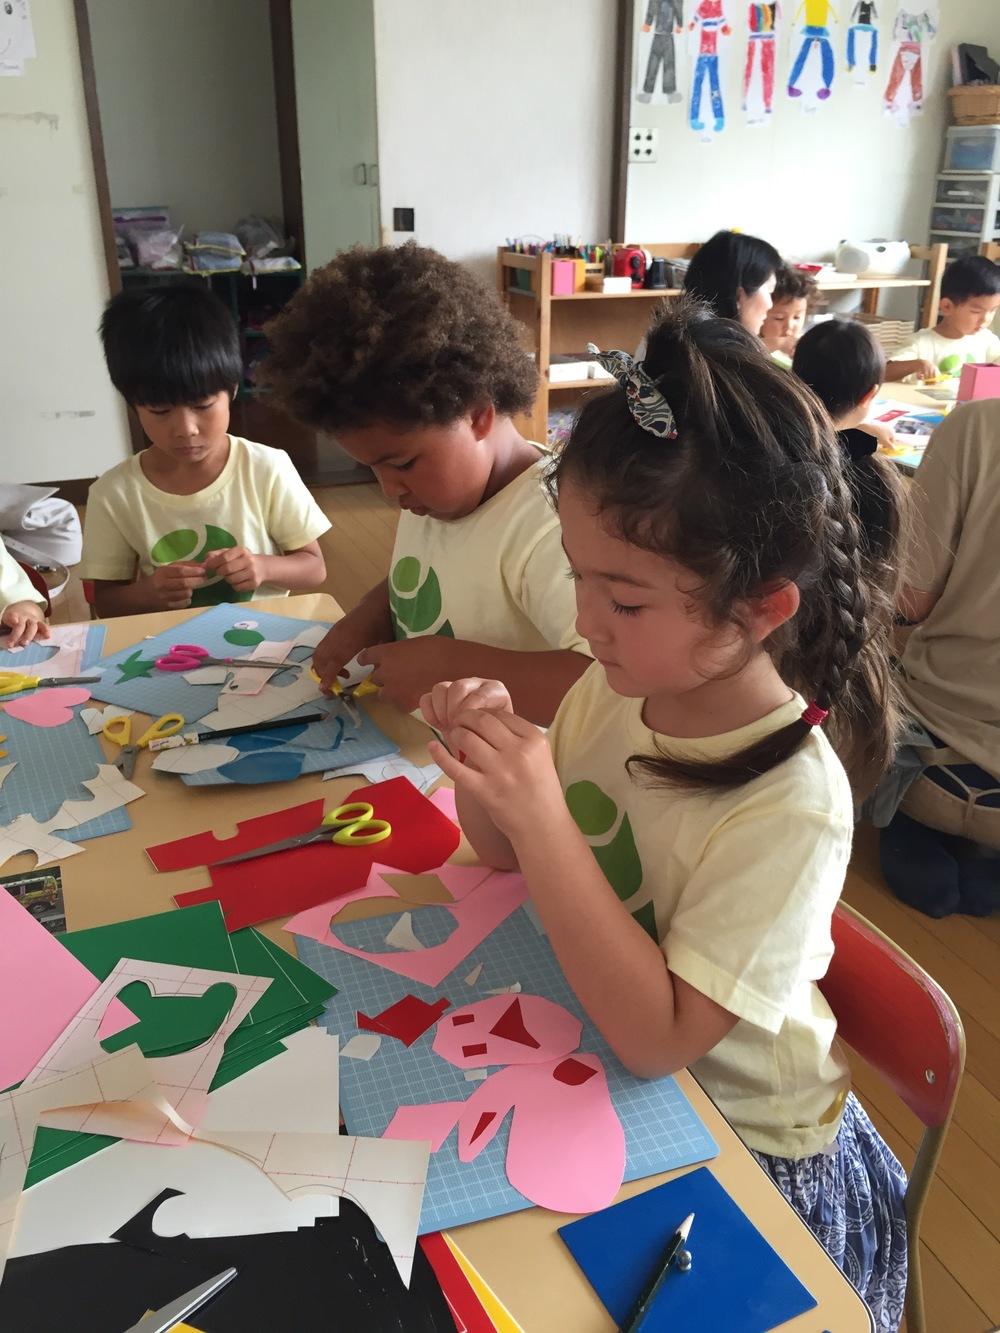 Following Mr. Rocco's instruction, children from the Bluebird class start cutting.